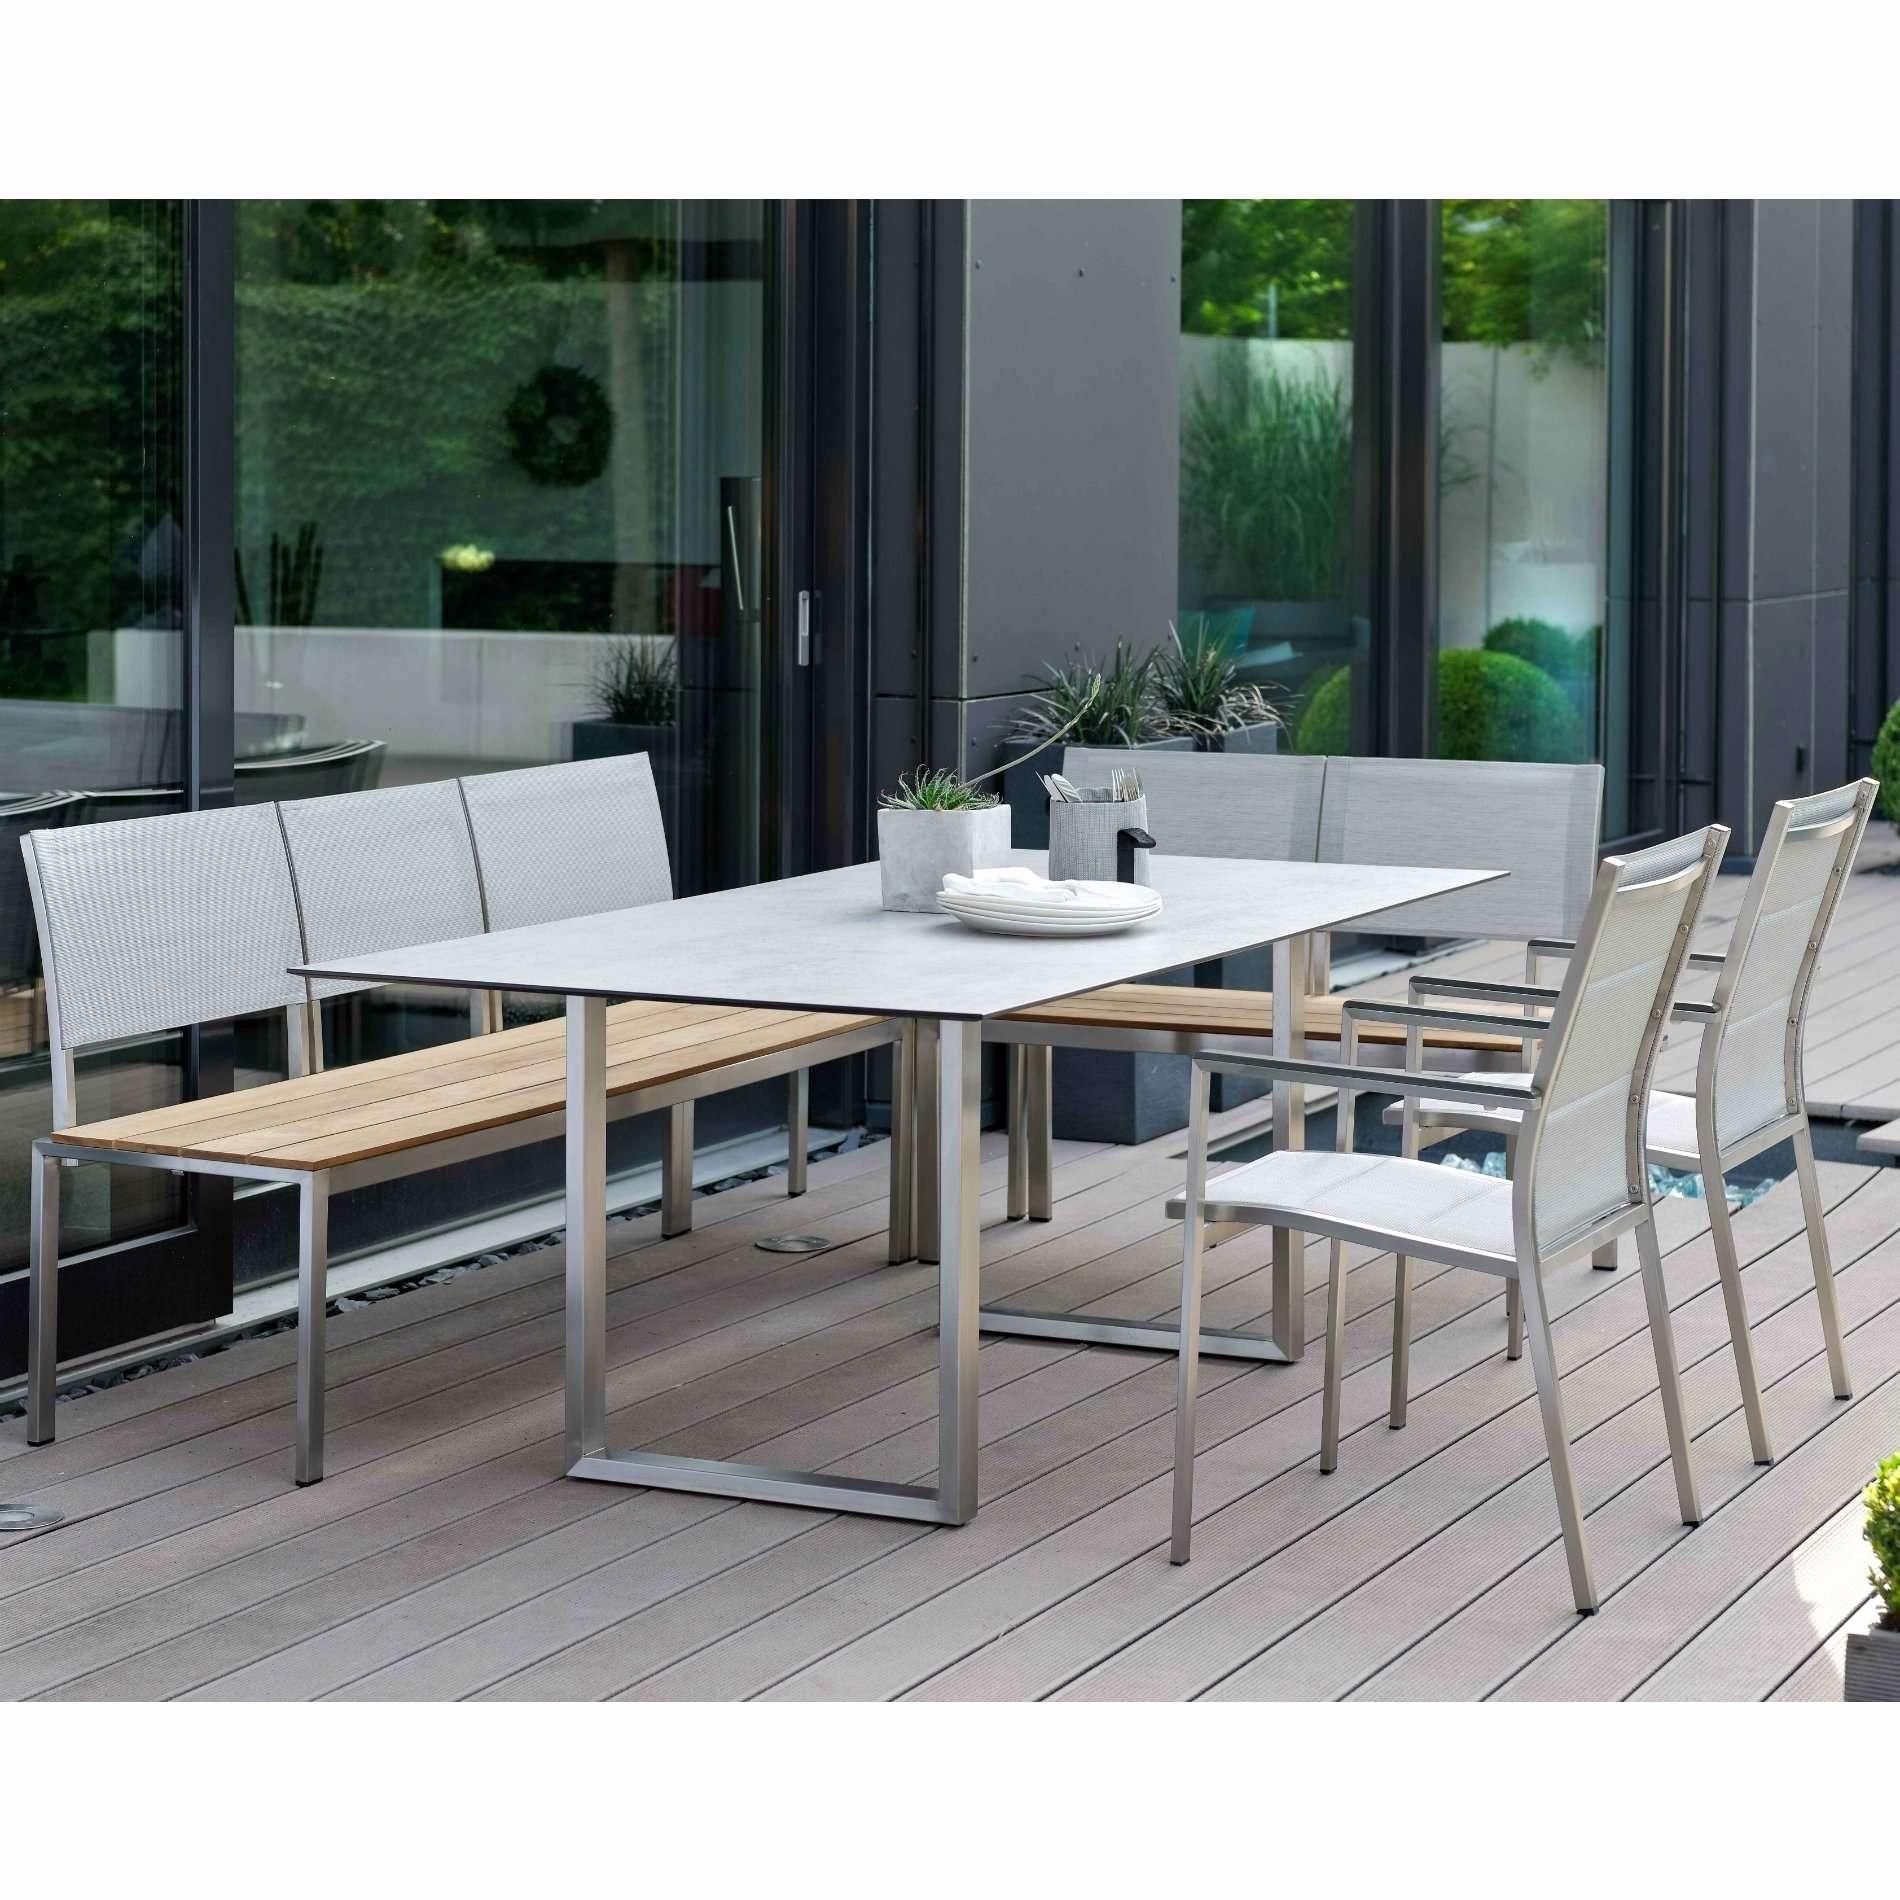 auflagen gartenmobel aldi frisch gartenmobel set aluminium dalepeck haus of auflagen gartenmobel aldi